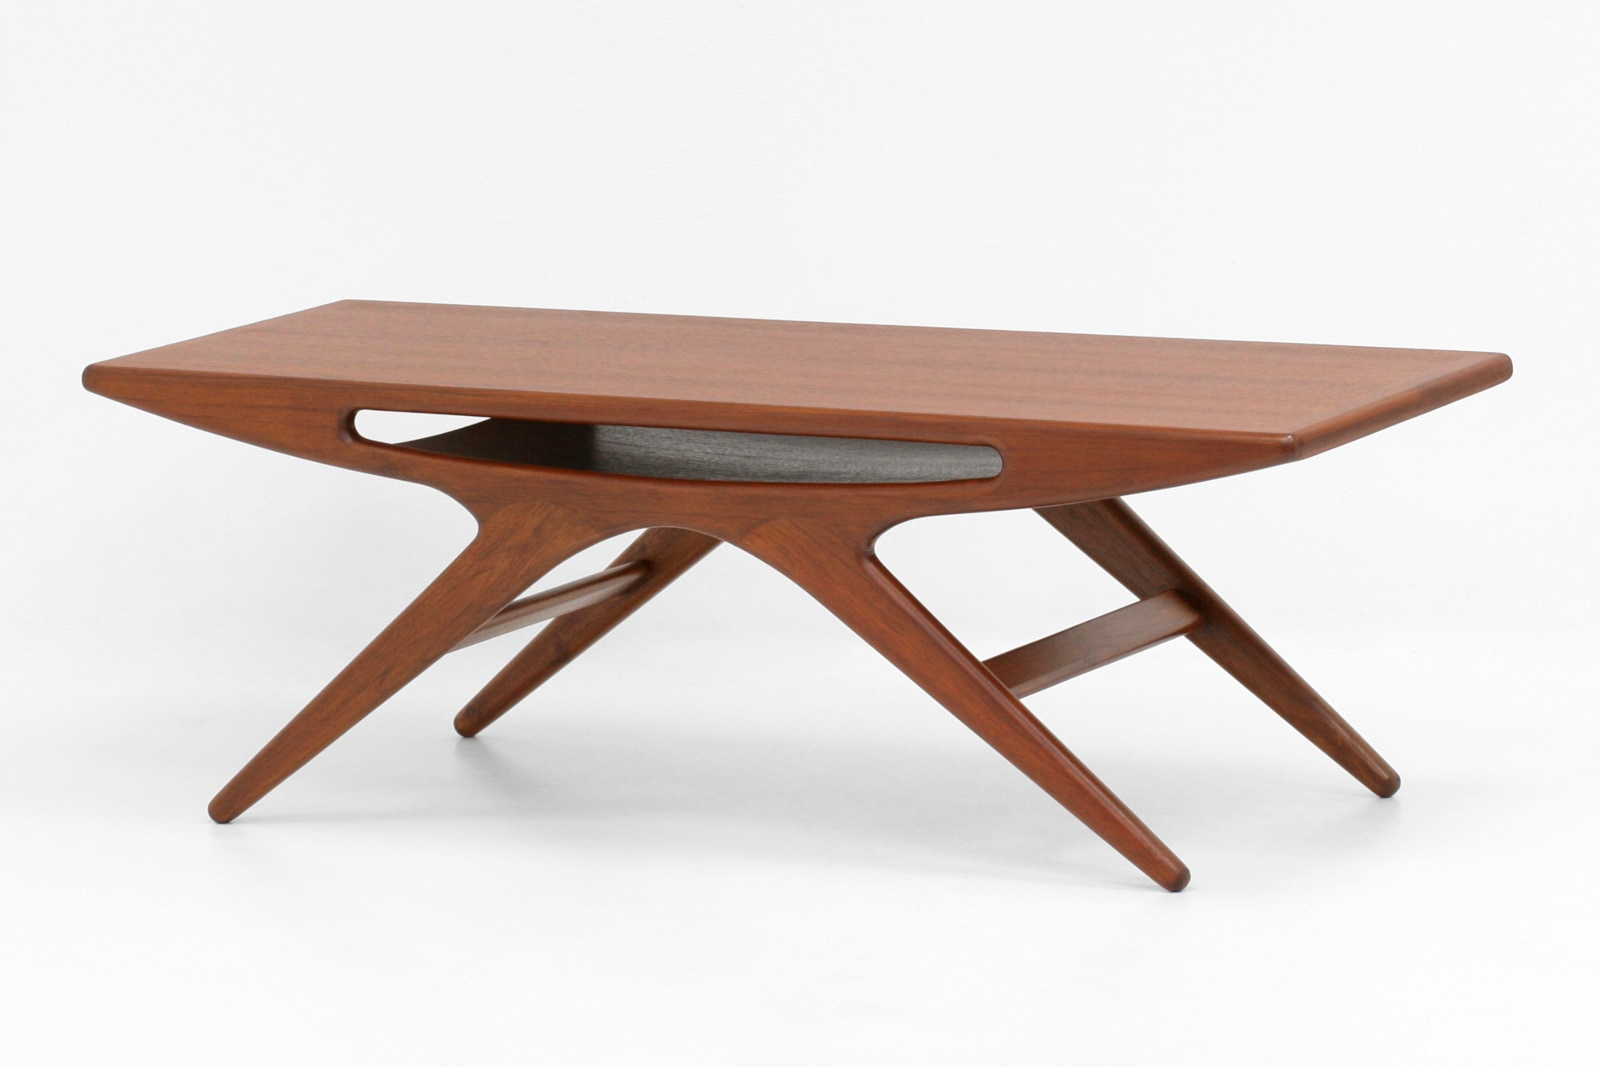 北欧,デザイン,家具,クロッケン,チーク材,コーヒーテーブル